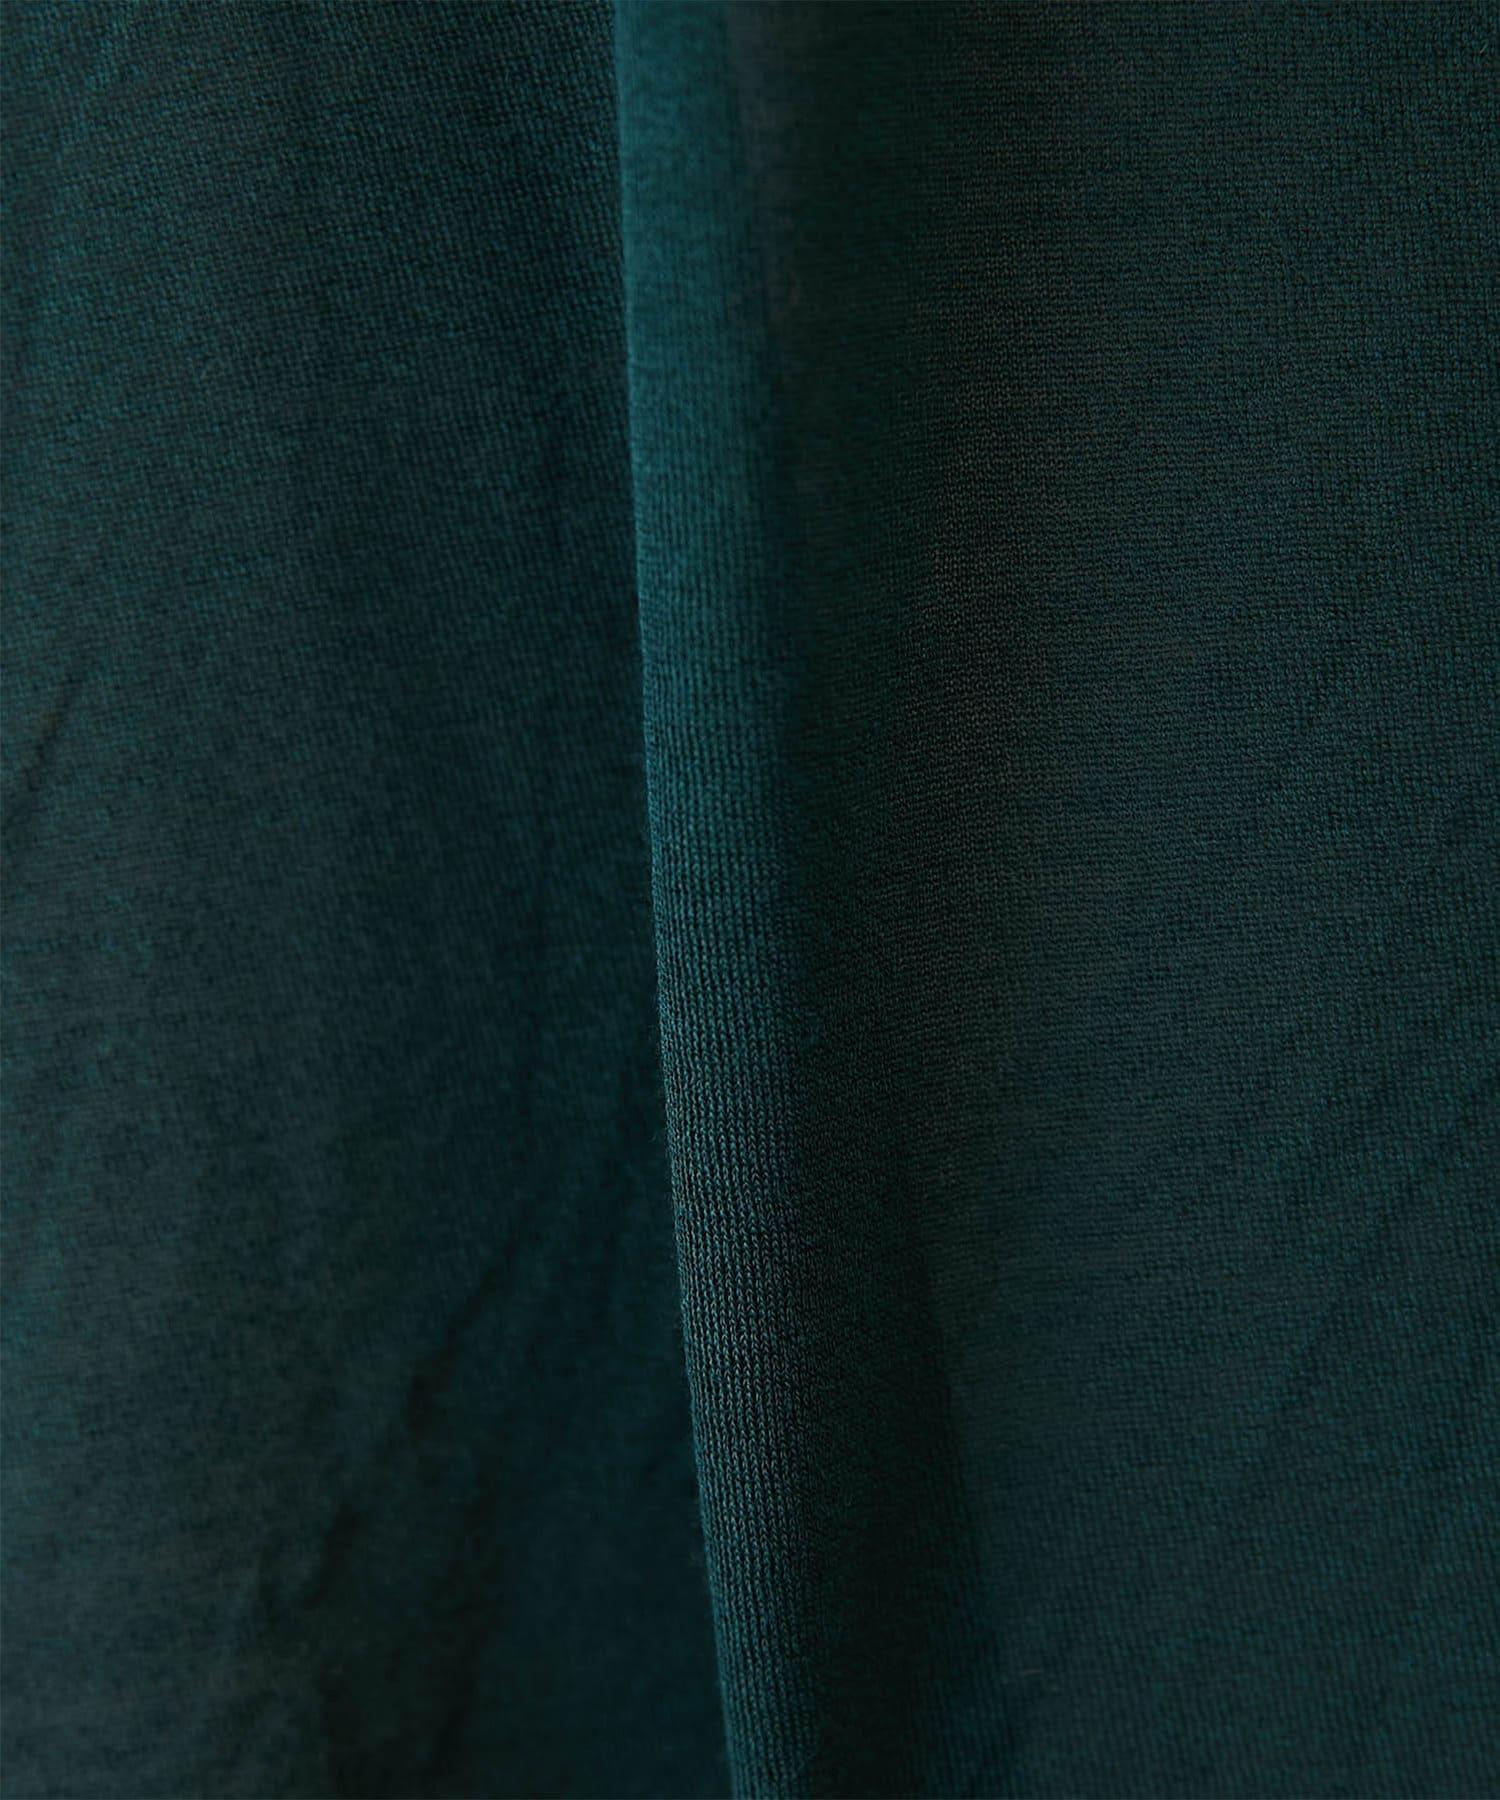 GALLARDAGALANTE(ガリャルダガランテ) 【CEPIE.】シアーロングスリーブTシャツ